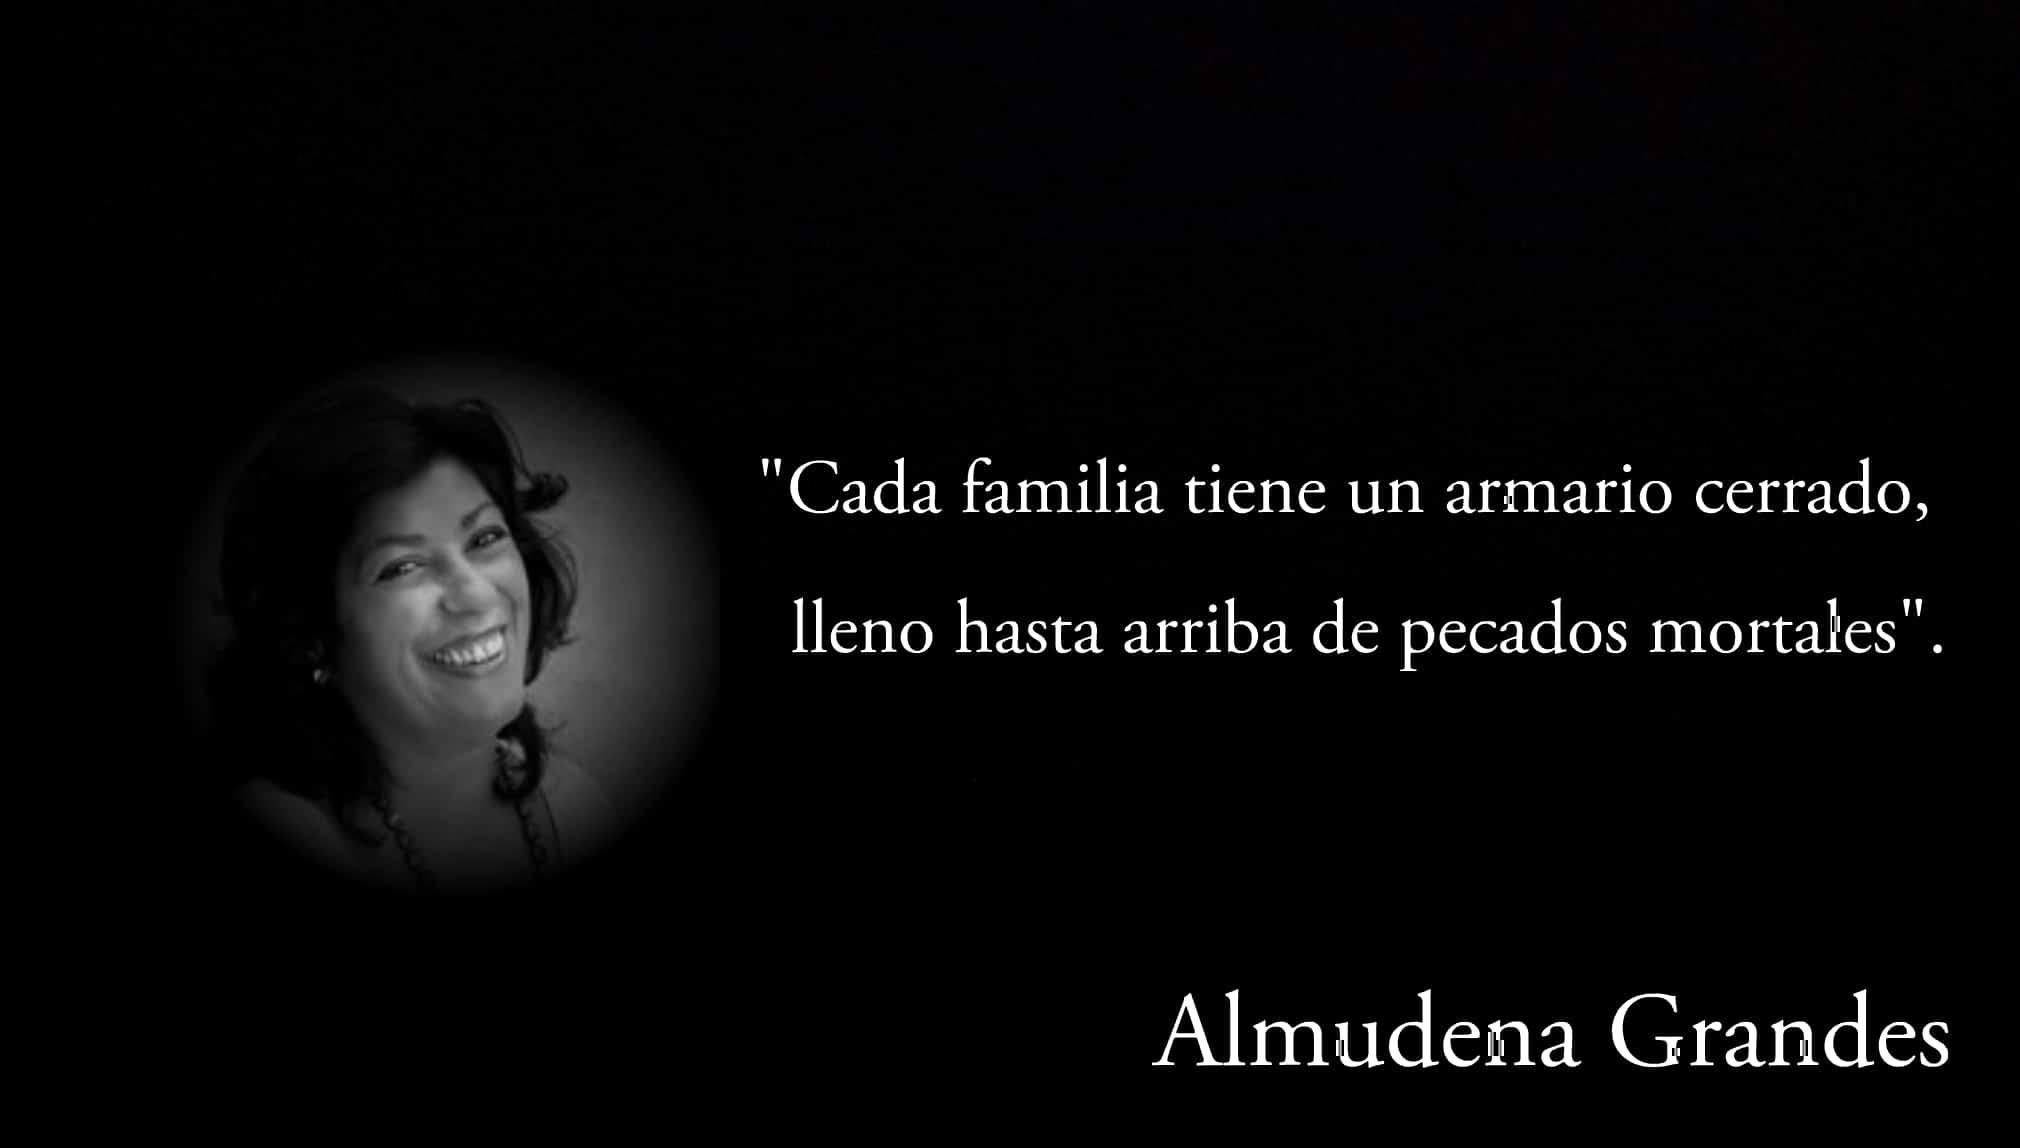 Frase de la escritora Almudena Grandes.